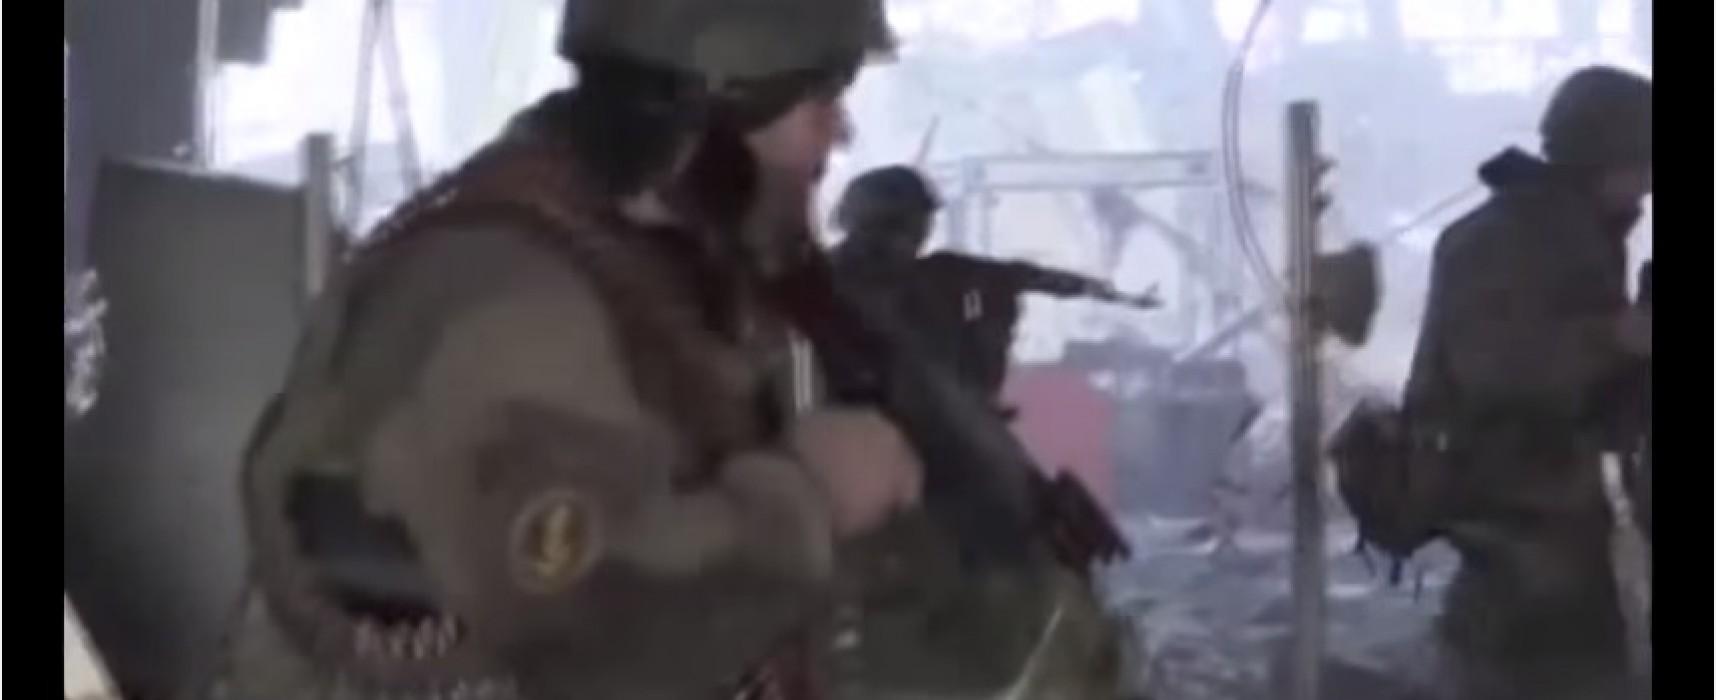 «Вести недели» с Дмитрием Киселевым показали российских солдат в донецком аэропорту